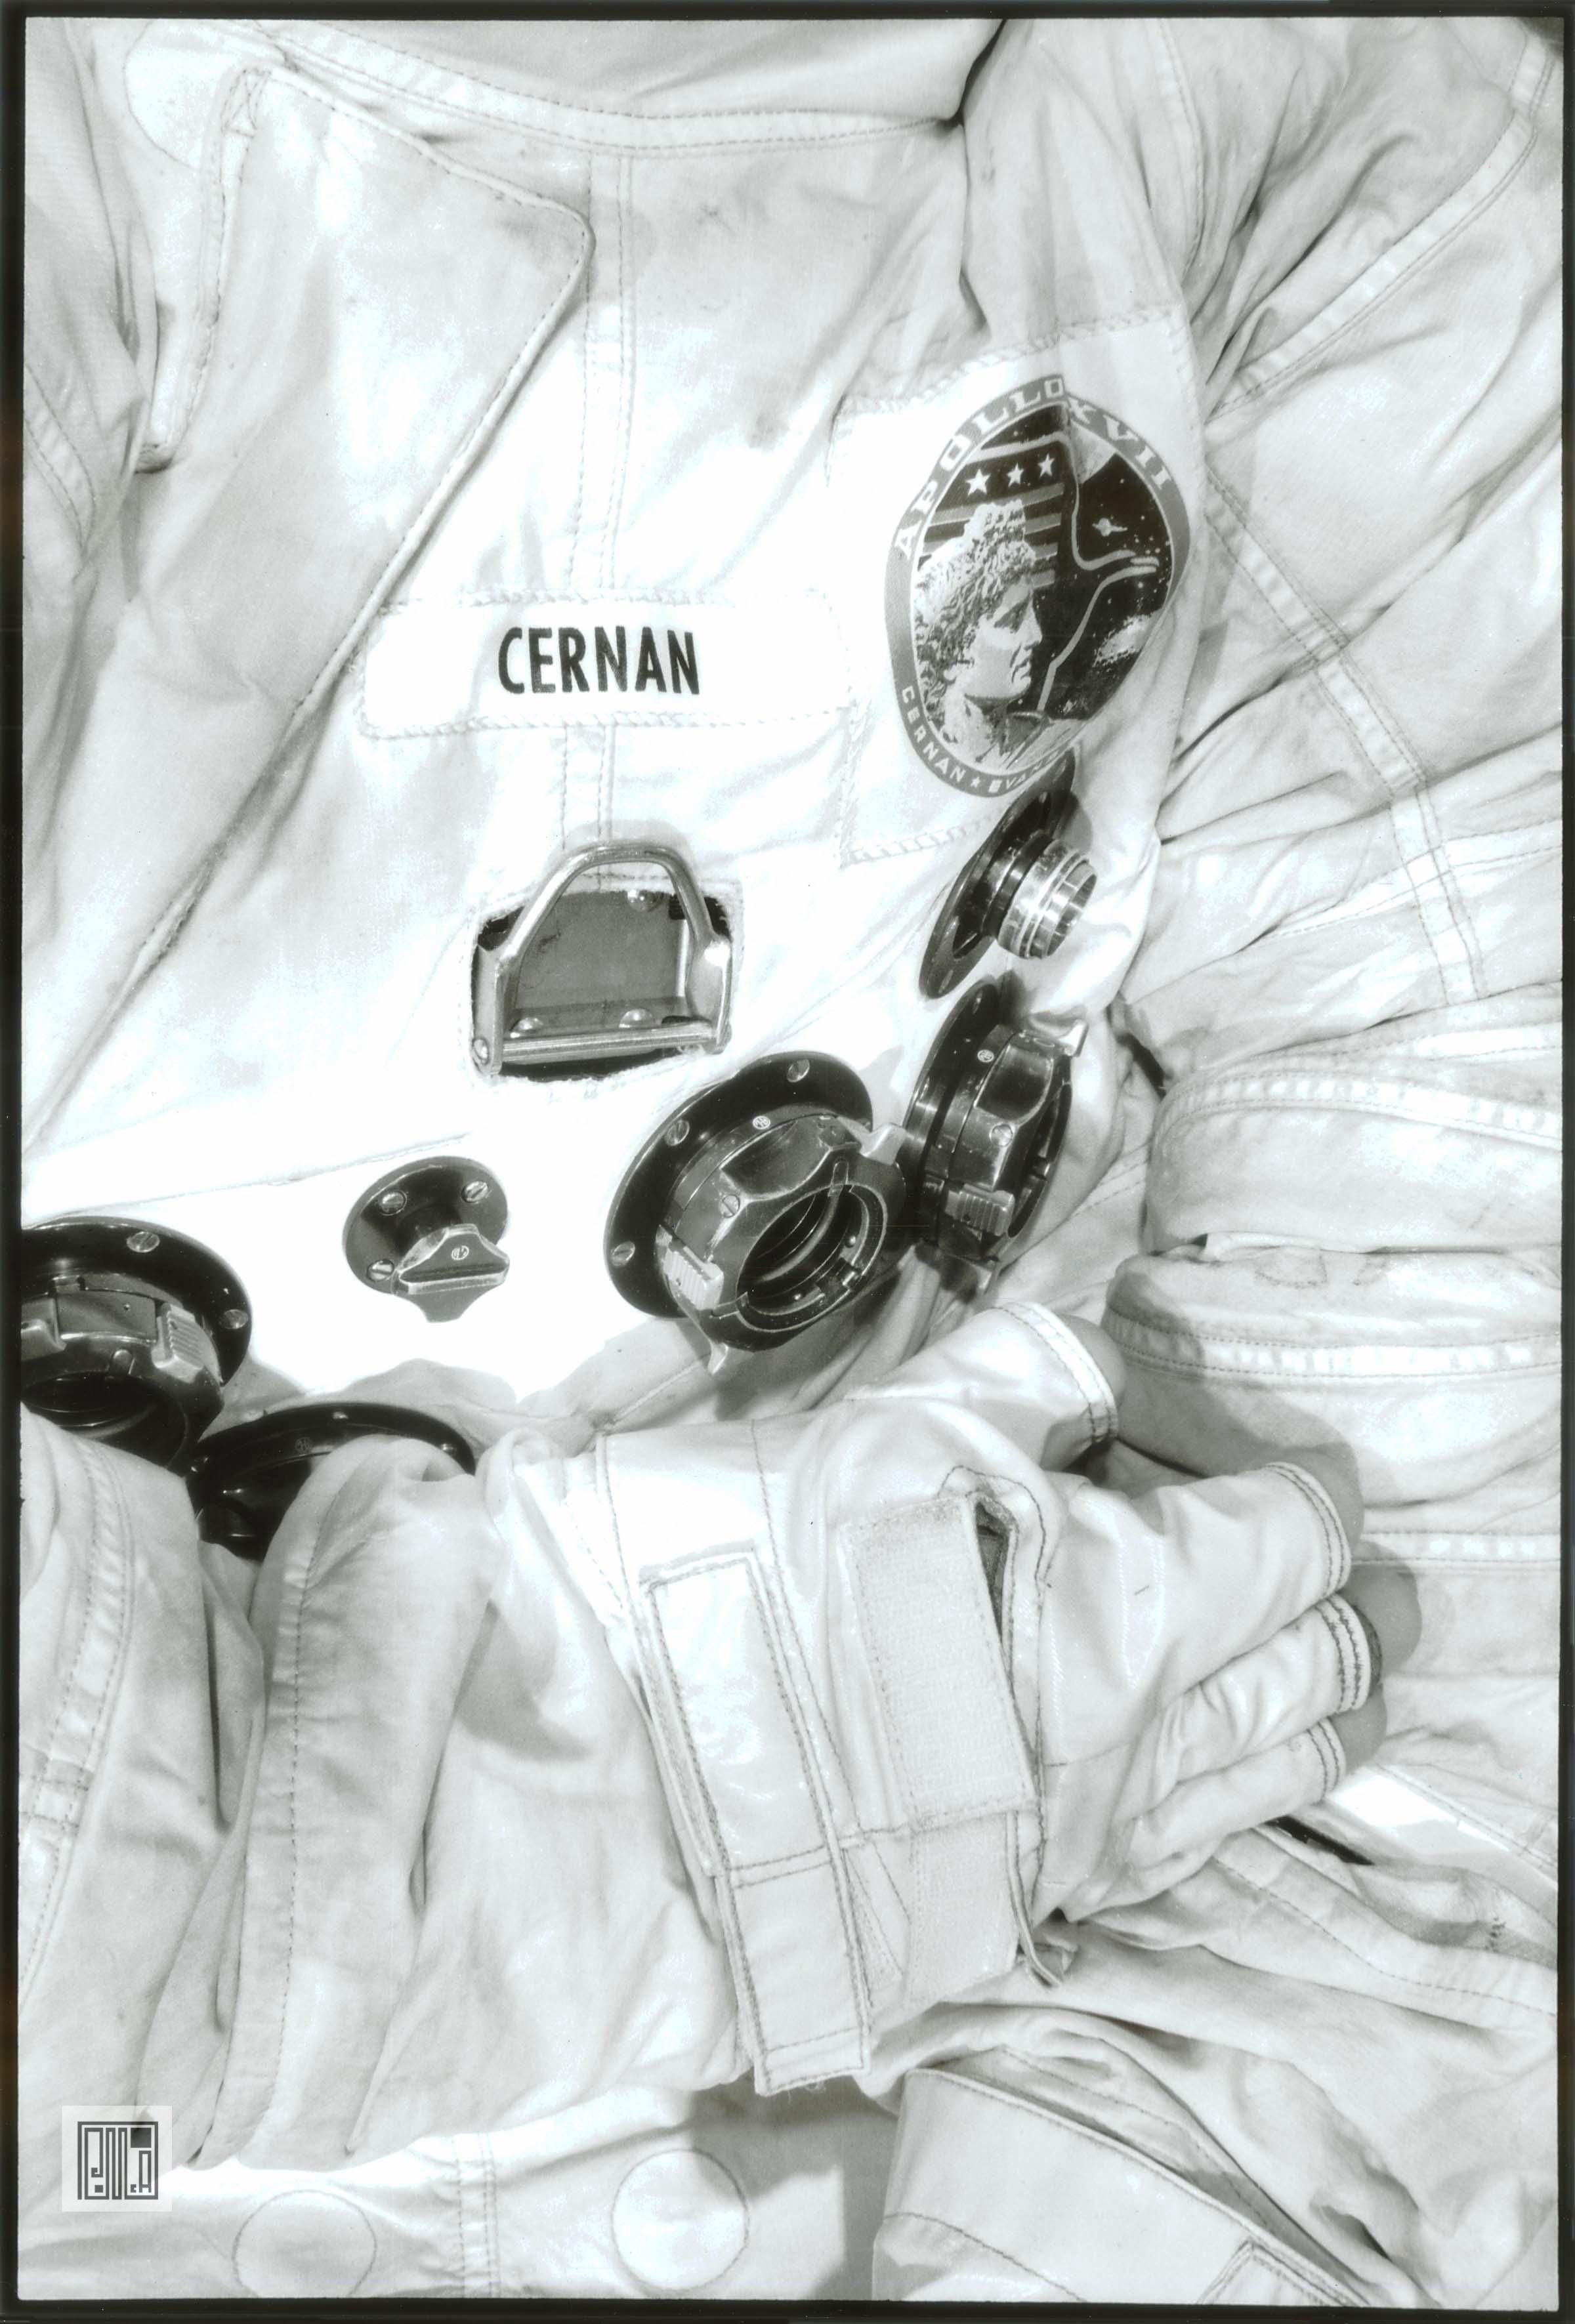 Apollo Space Suit